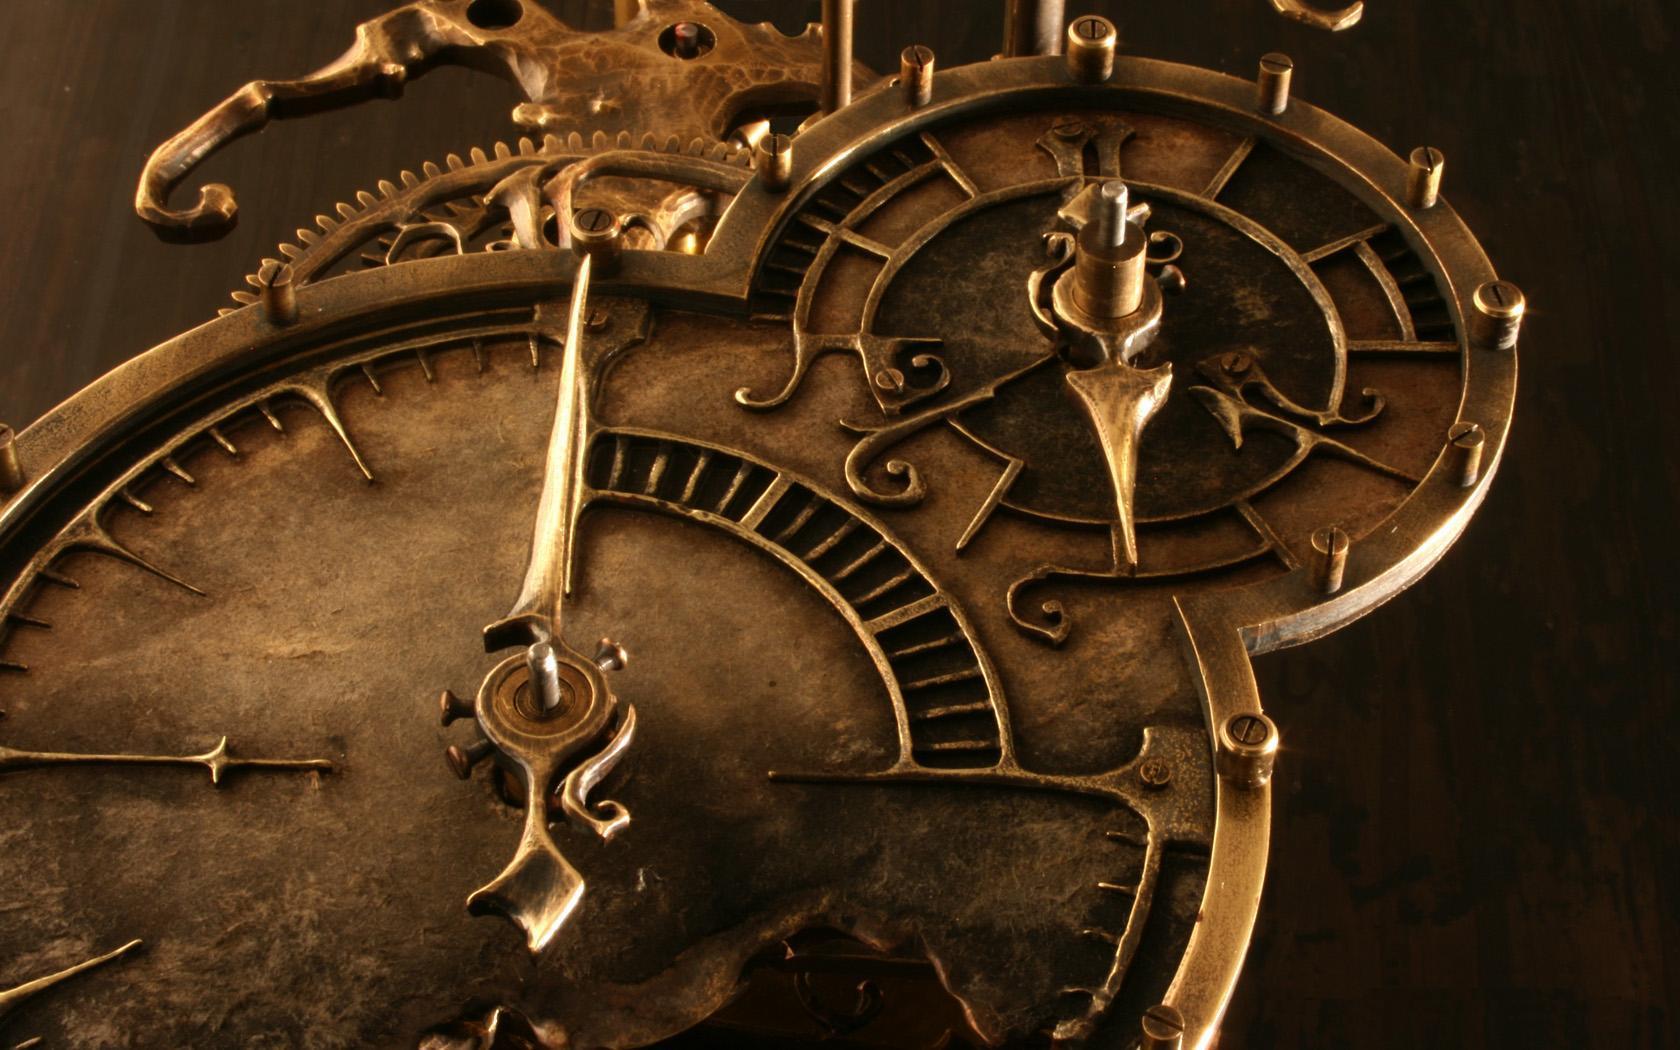 Как мы воспринимаем время: то оно тянется, то несётся